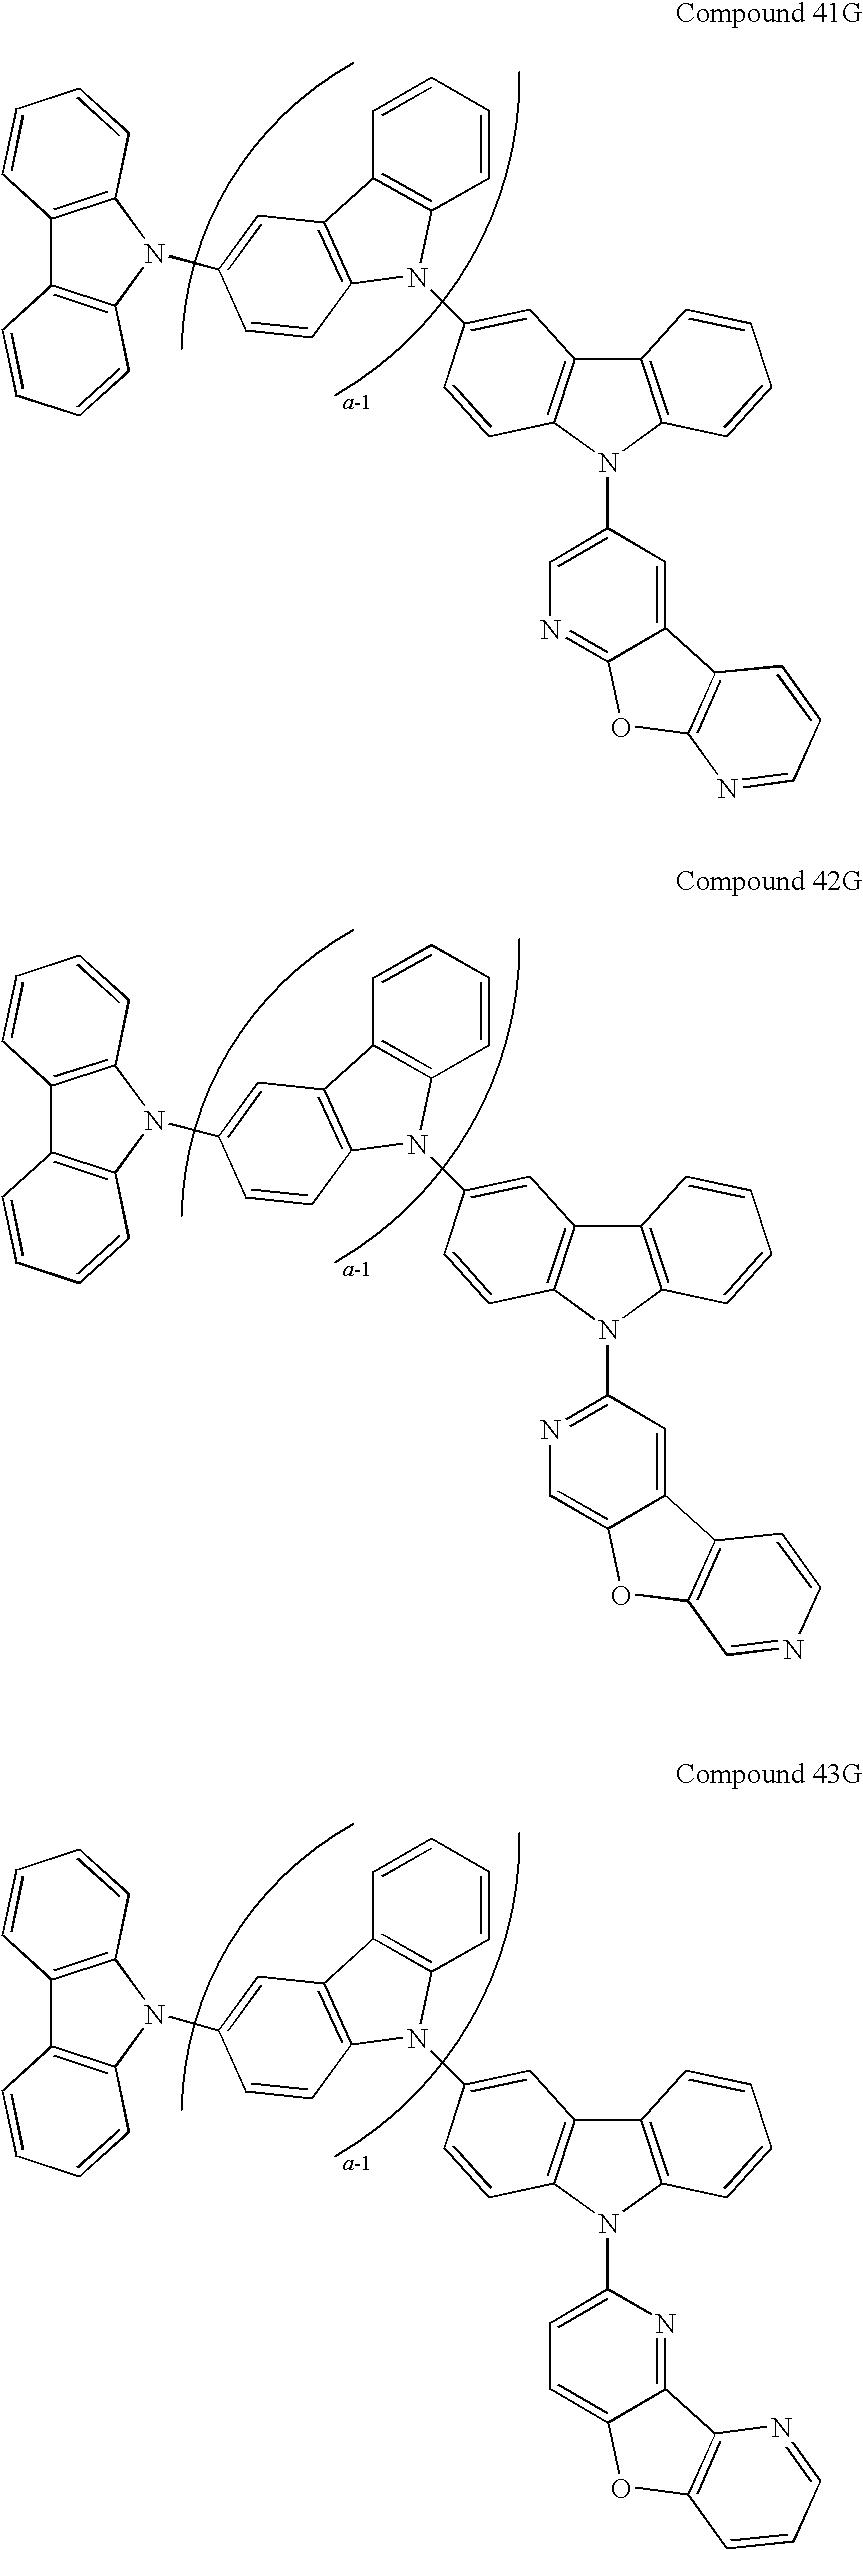 Figure US20090134784A1-20090528-C00190